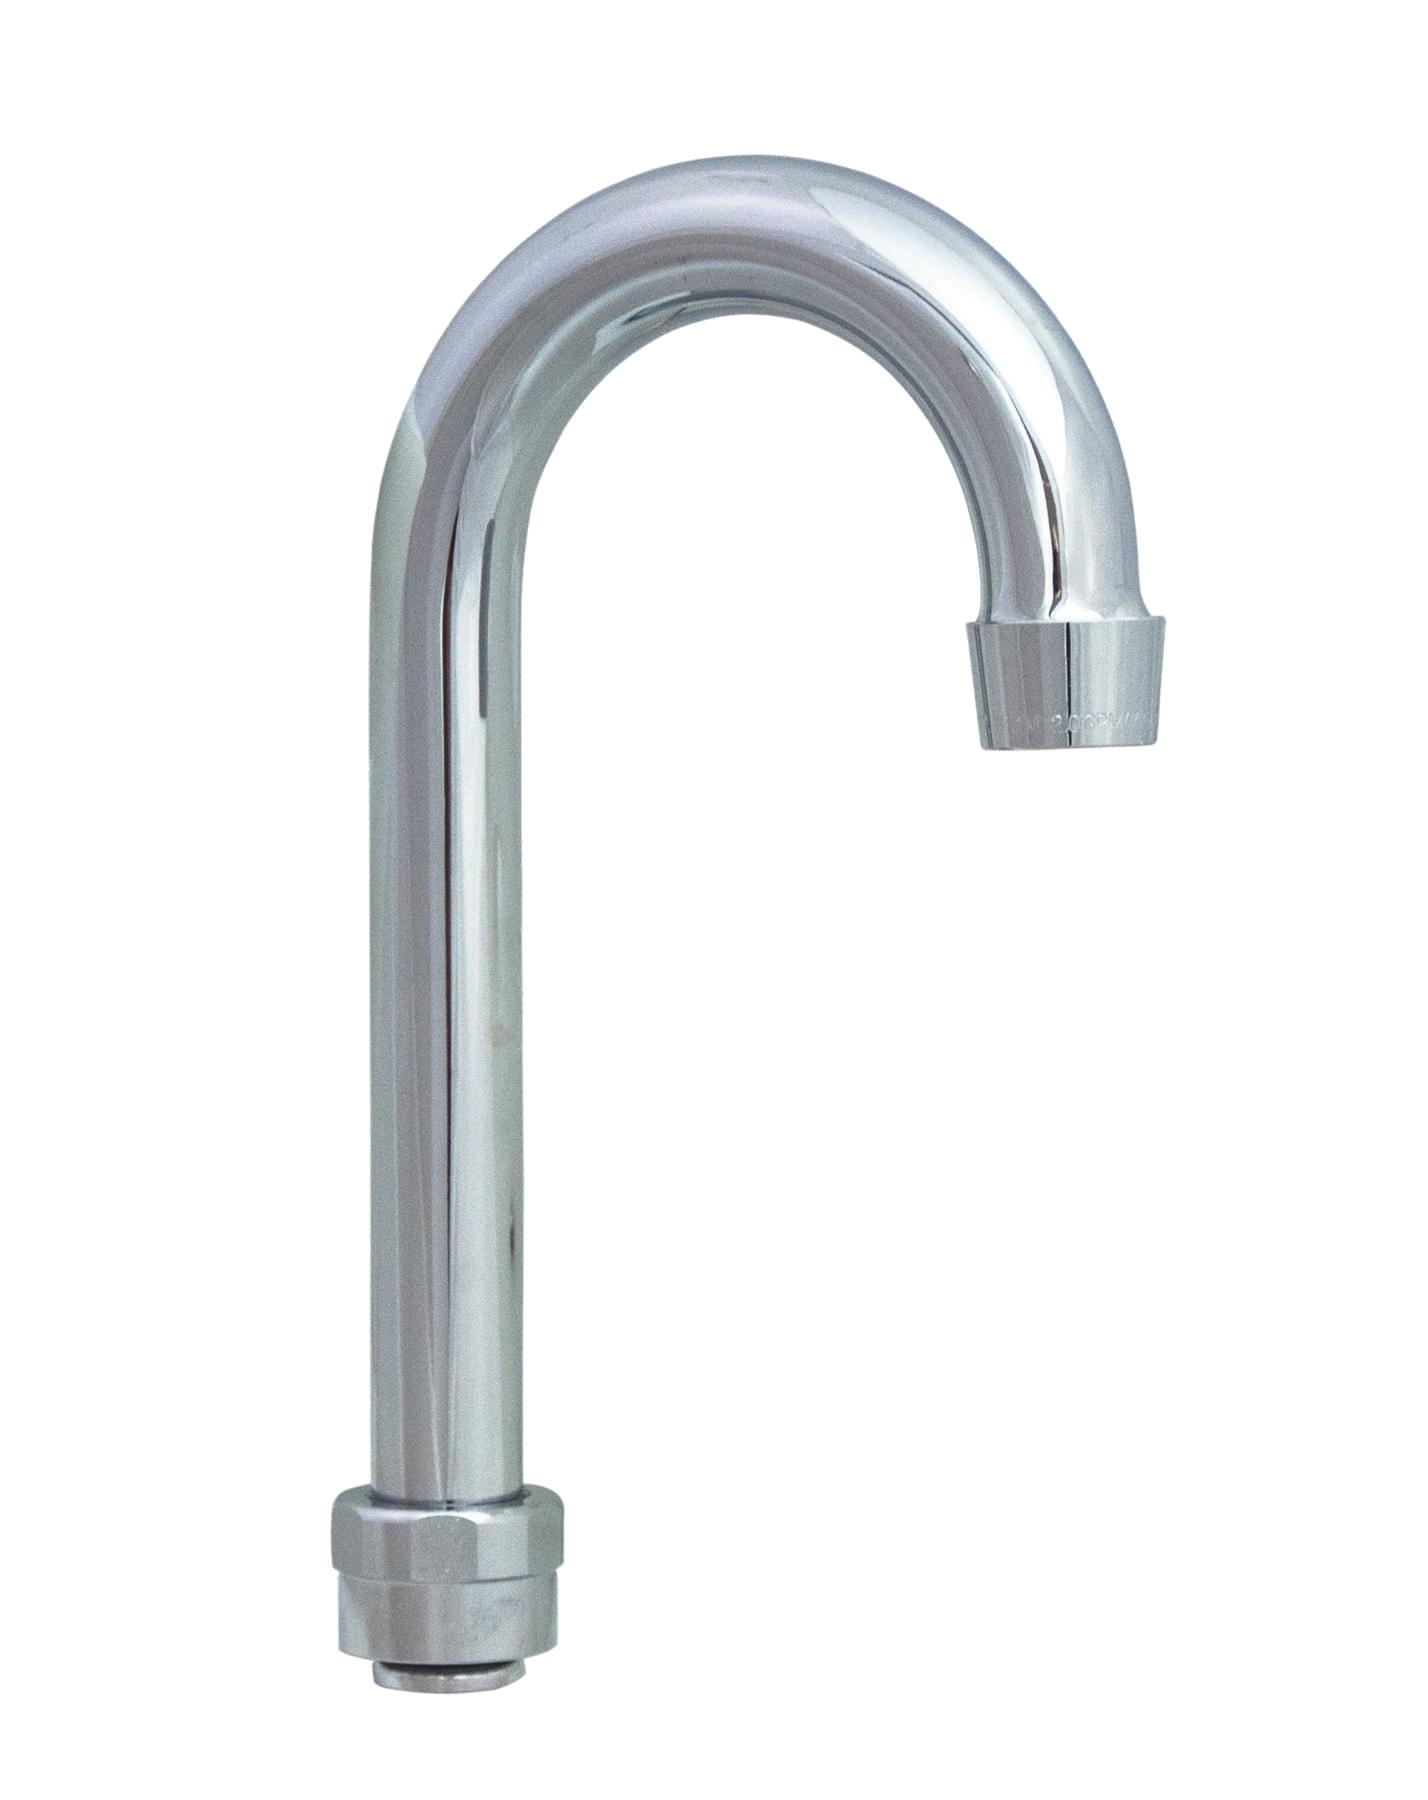 BK Resources EVO-SPT-5G faucet, spout / nozzle